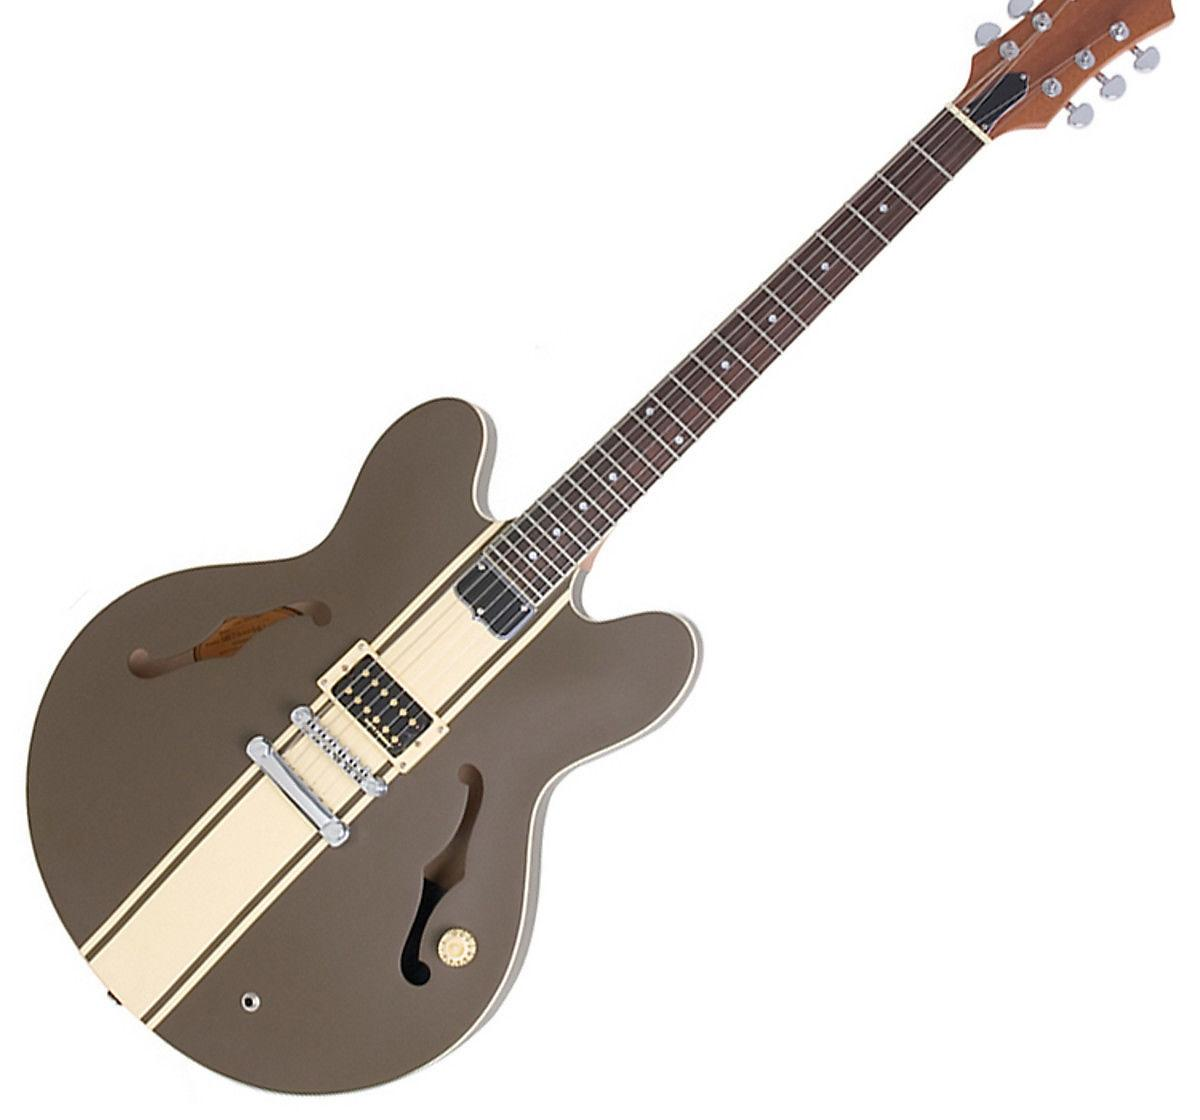 ES النادرة 333 توم ديلونج التوقيع ملزم شبه الجوف الجسم الذهب الأبيض الشريط الجاز الغيتار الكهربائي الجسم الأسود، لاقط واحد، الذهب HardwareRa